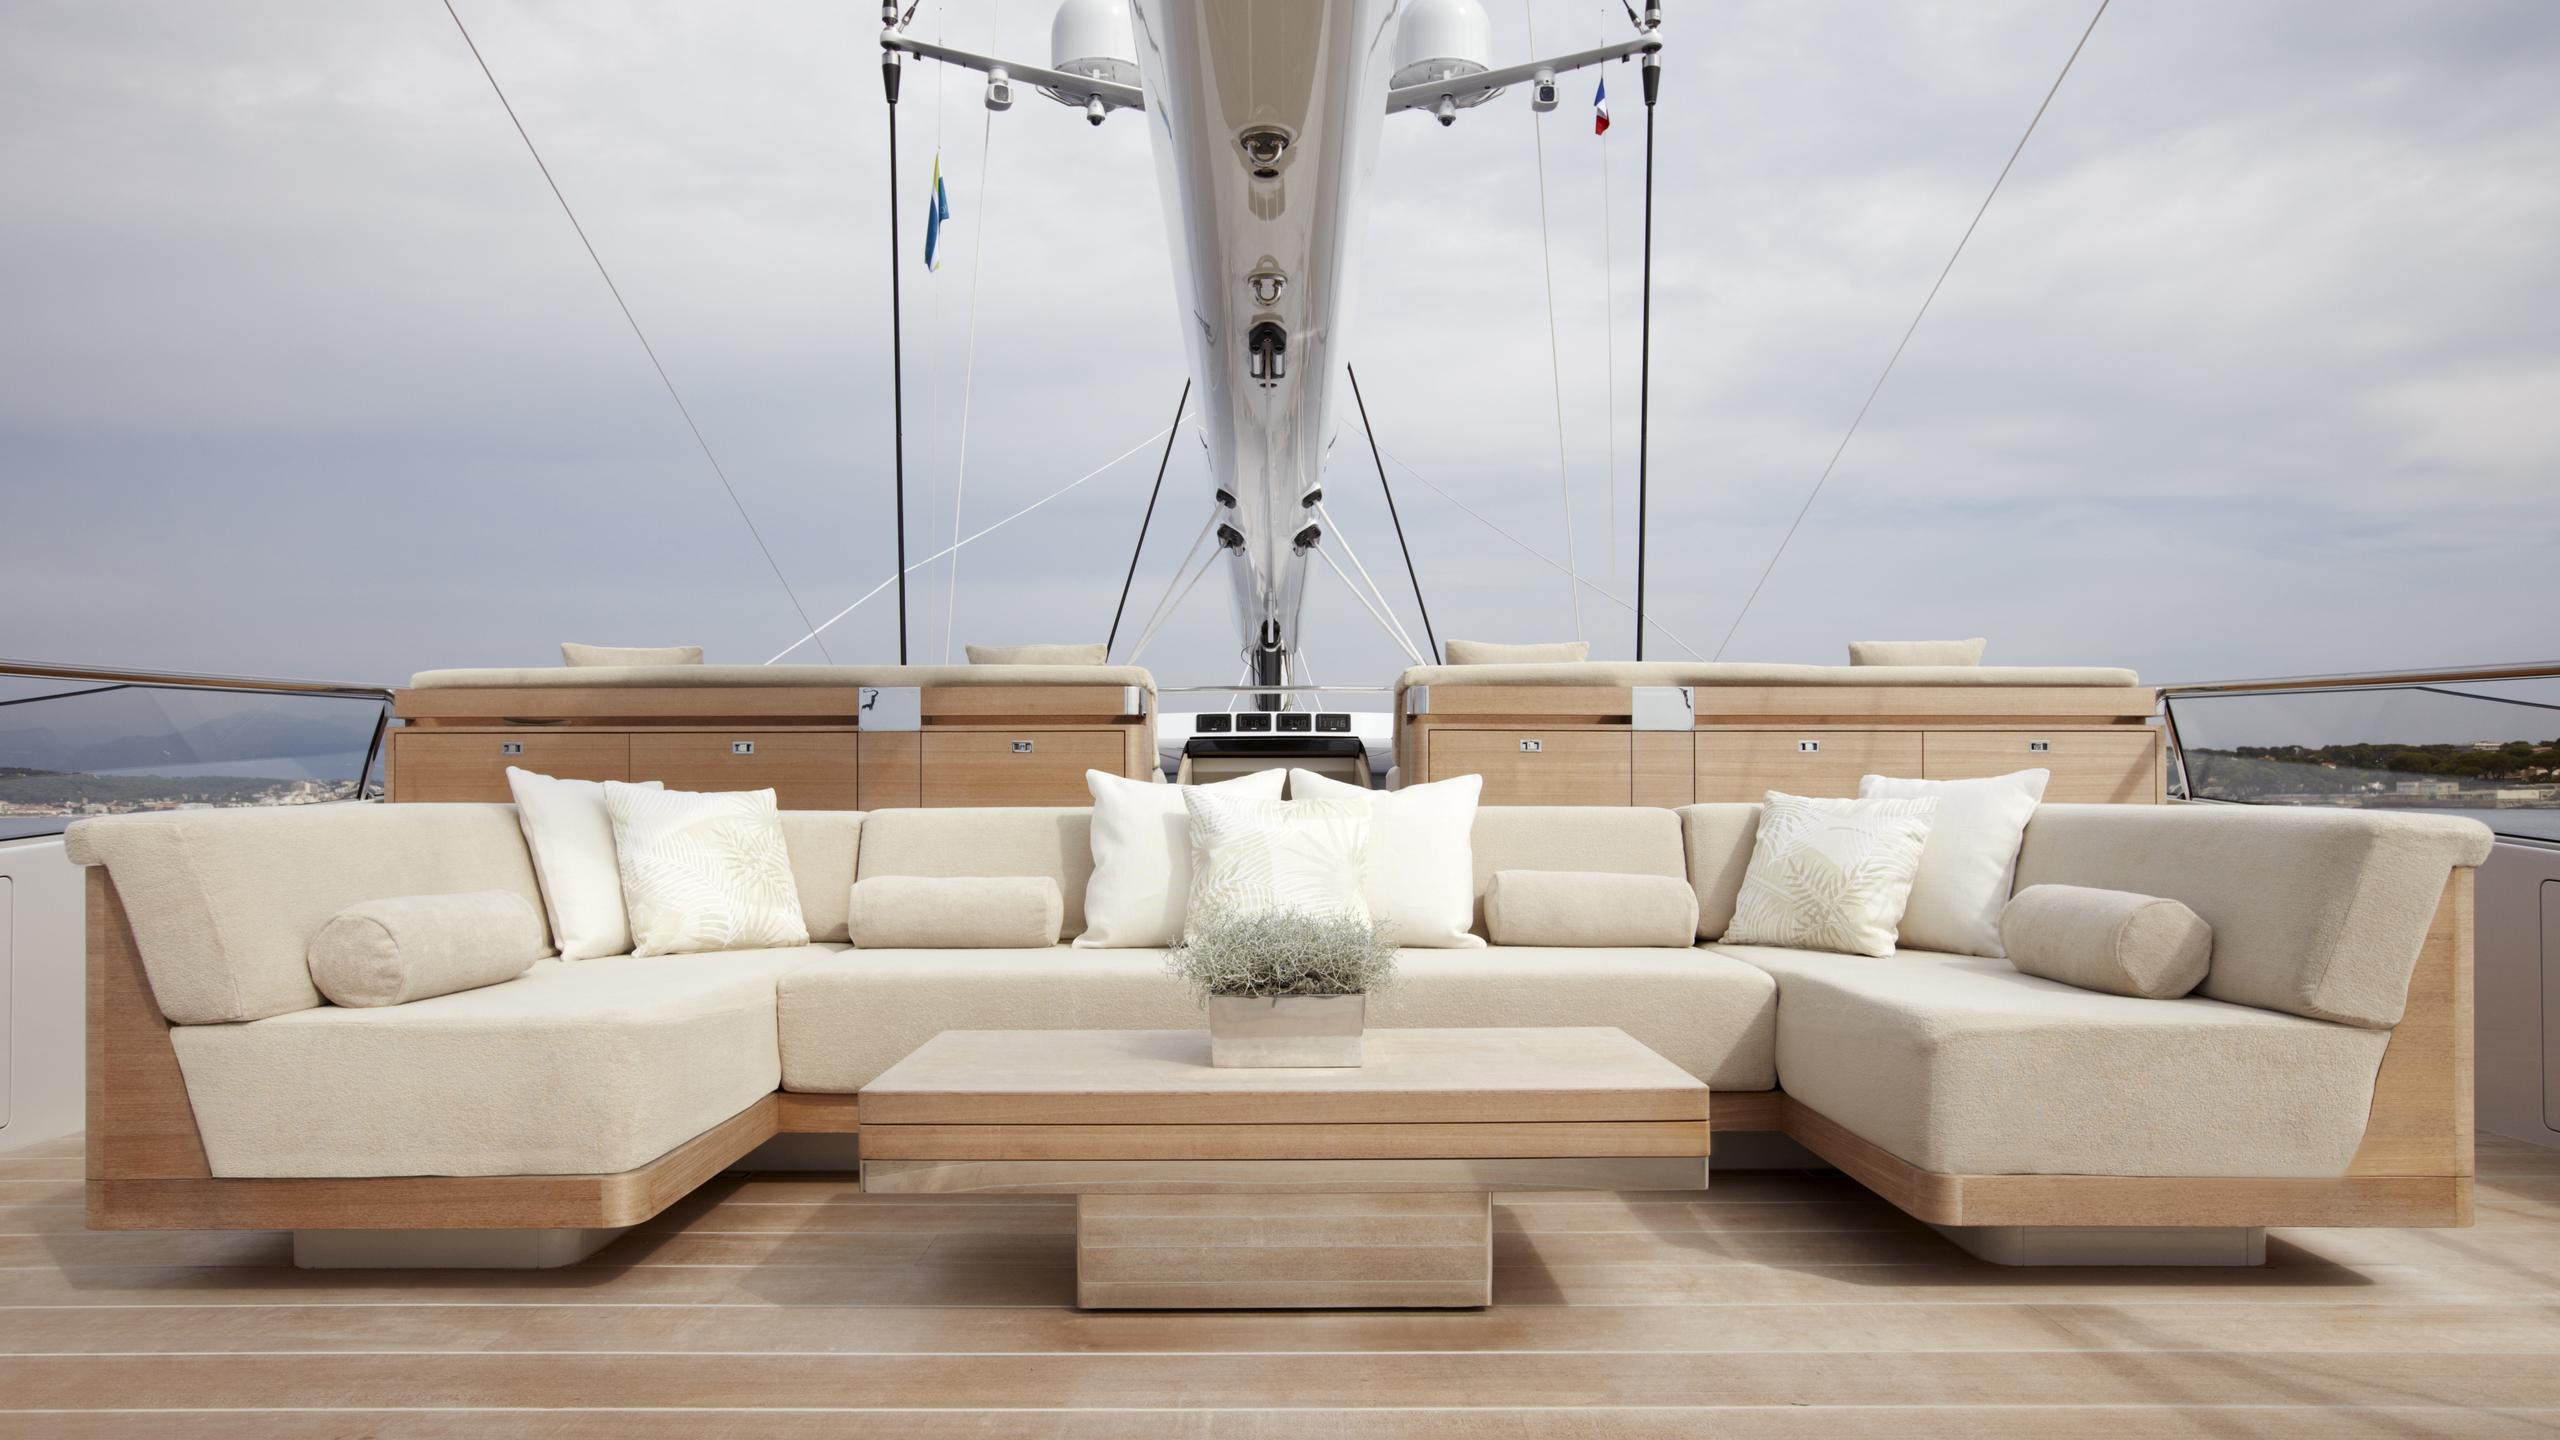 twizzle-yacht-deck